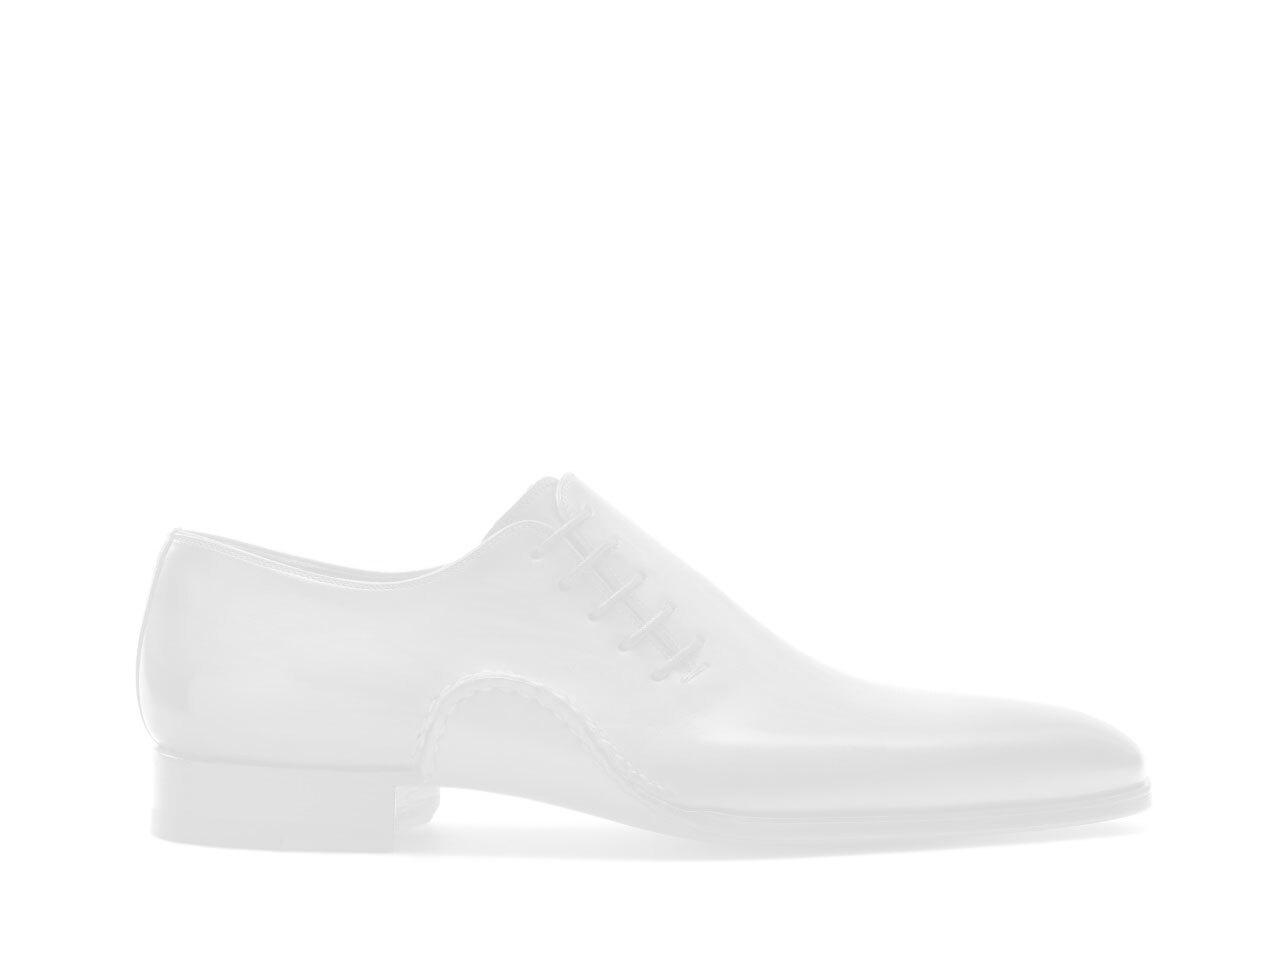 Pair of the Magnanni Basilio Lo Cuero Men's Sneakers